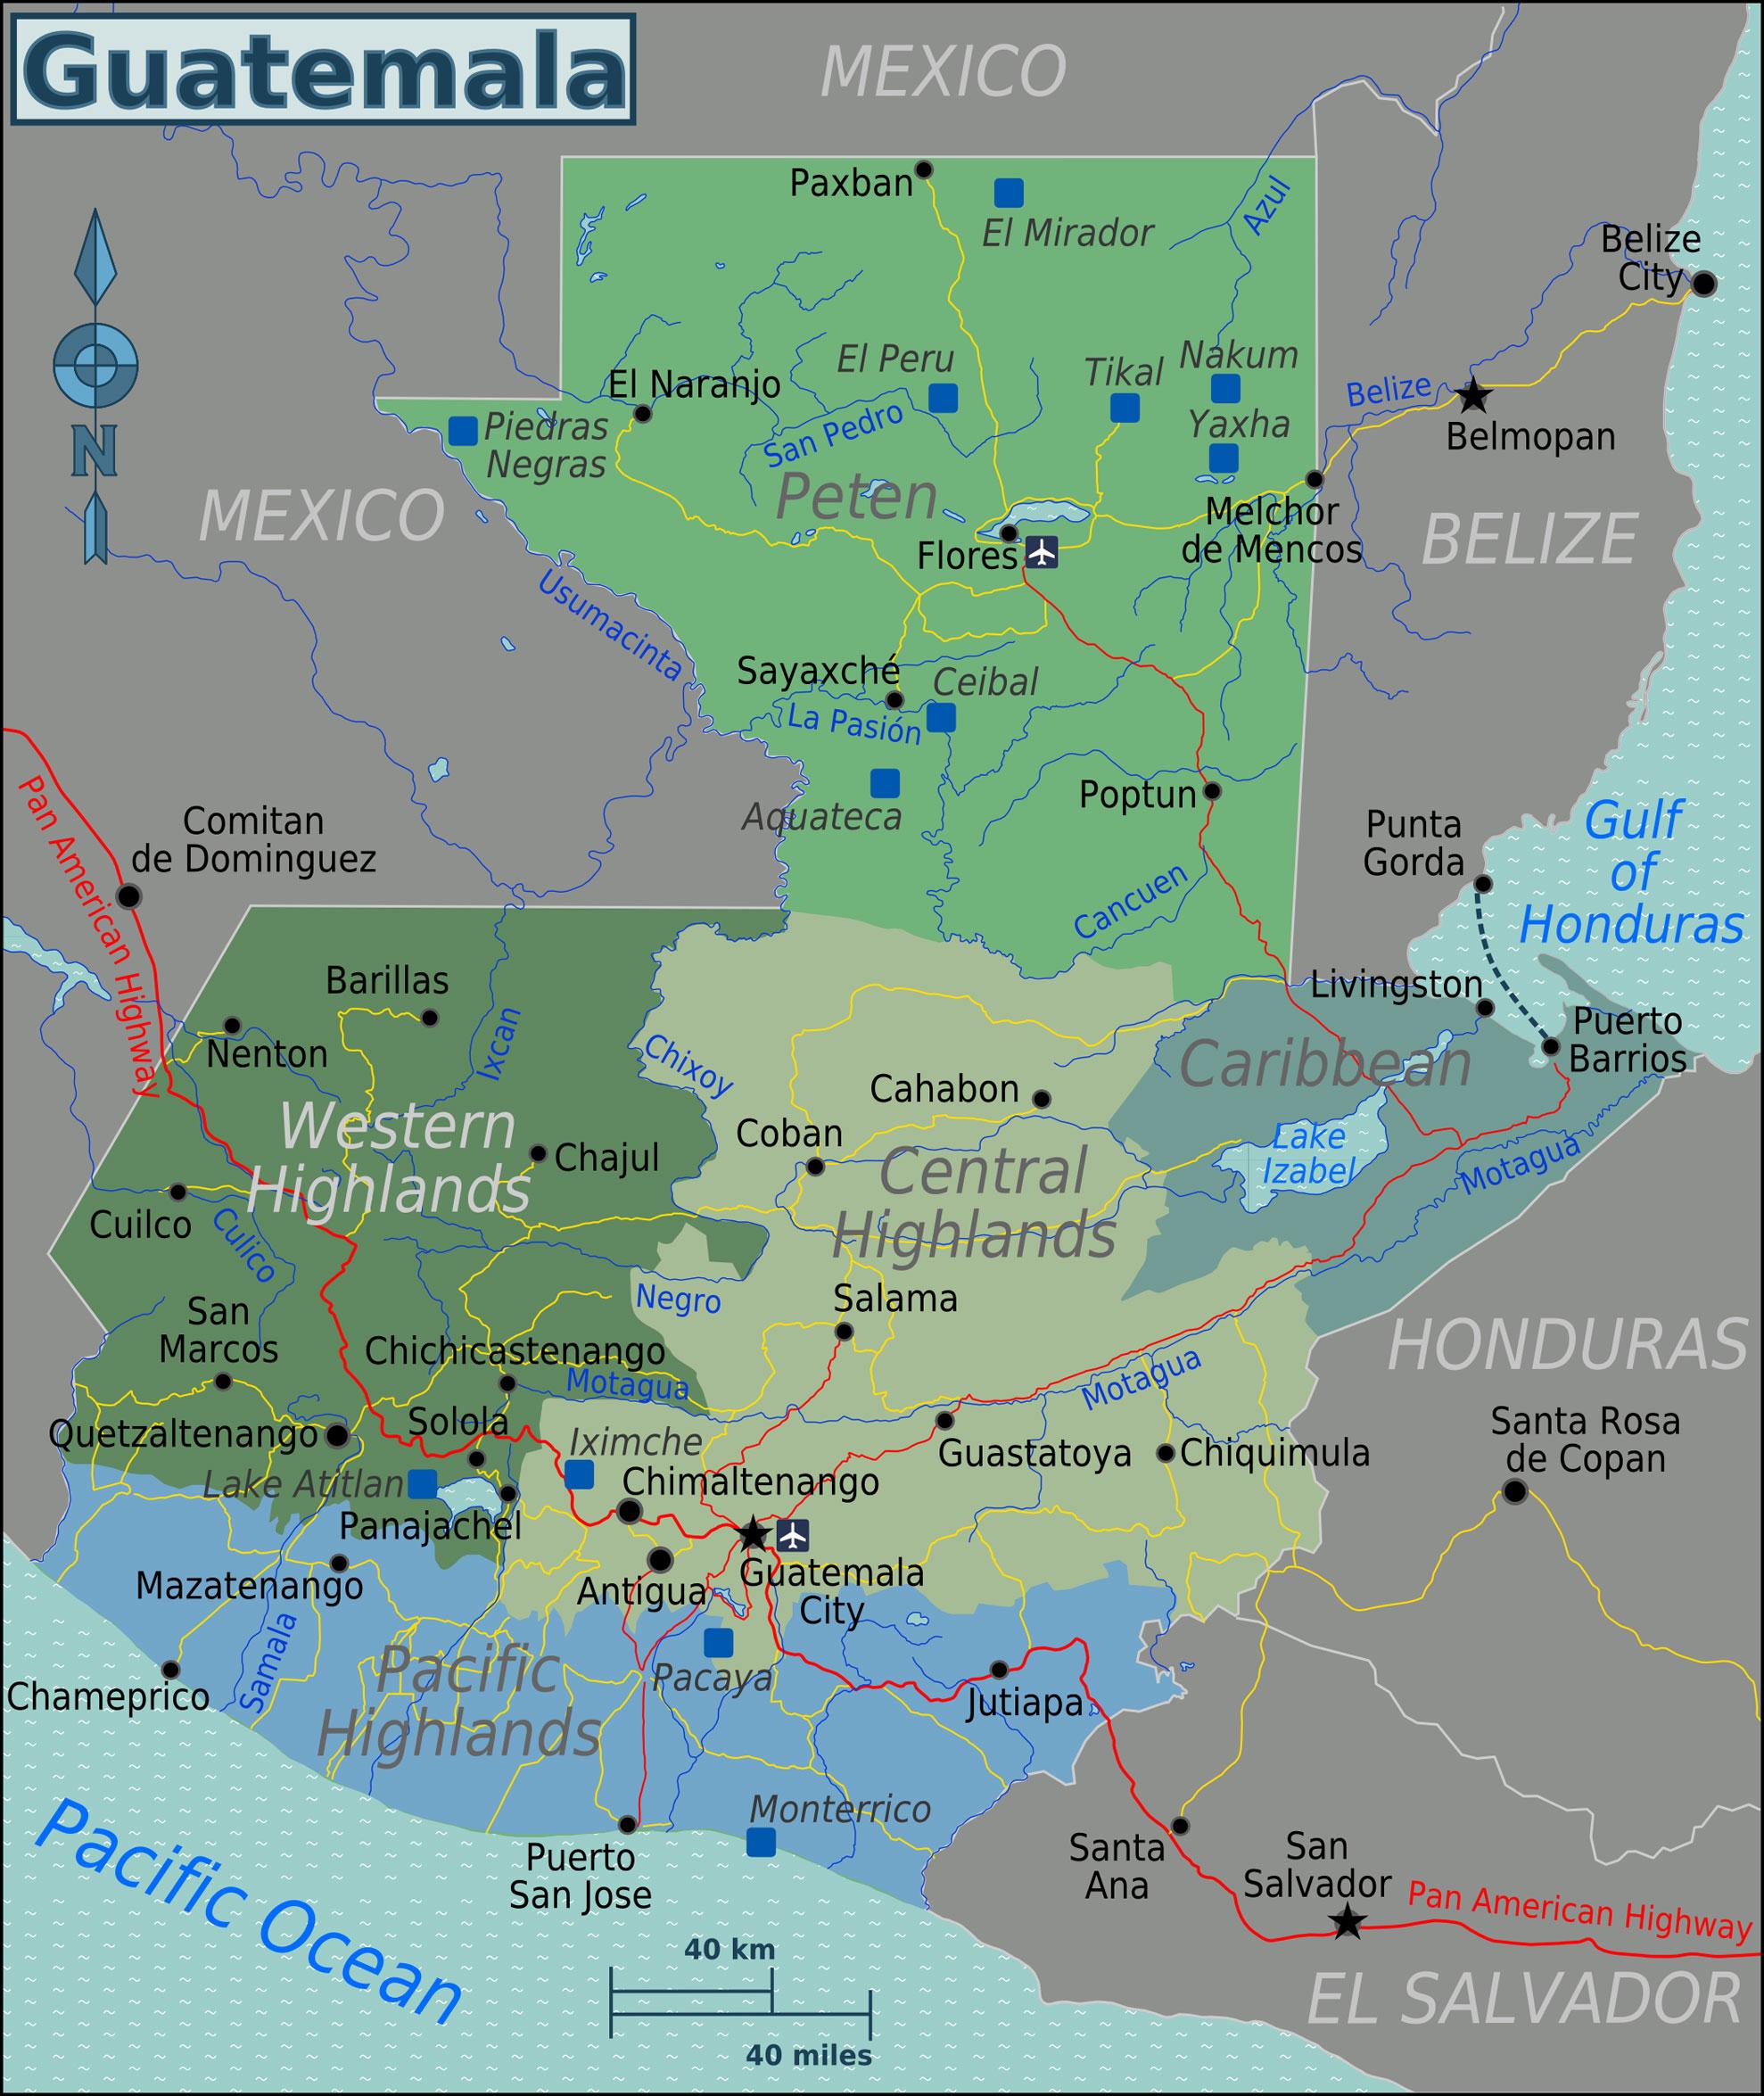 Mapa da Guatemala